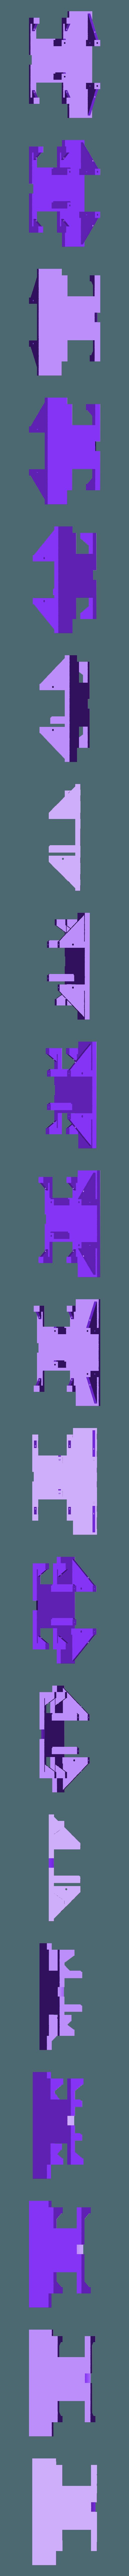 servo_plate.stl Télécharger fichier STL gratuit Mécanique de la bouche et du sourcil, adaptable à la mécanique de l'œil • Modèle pour impression 3D, kakiemon